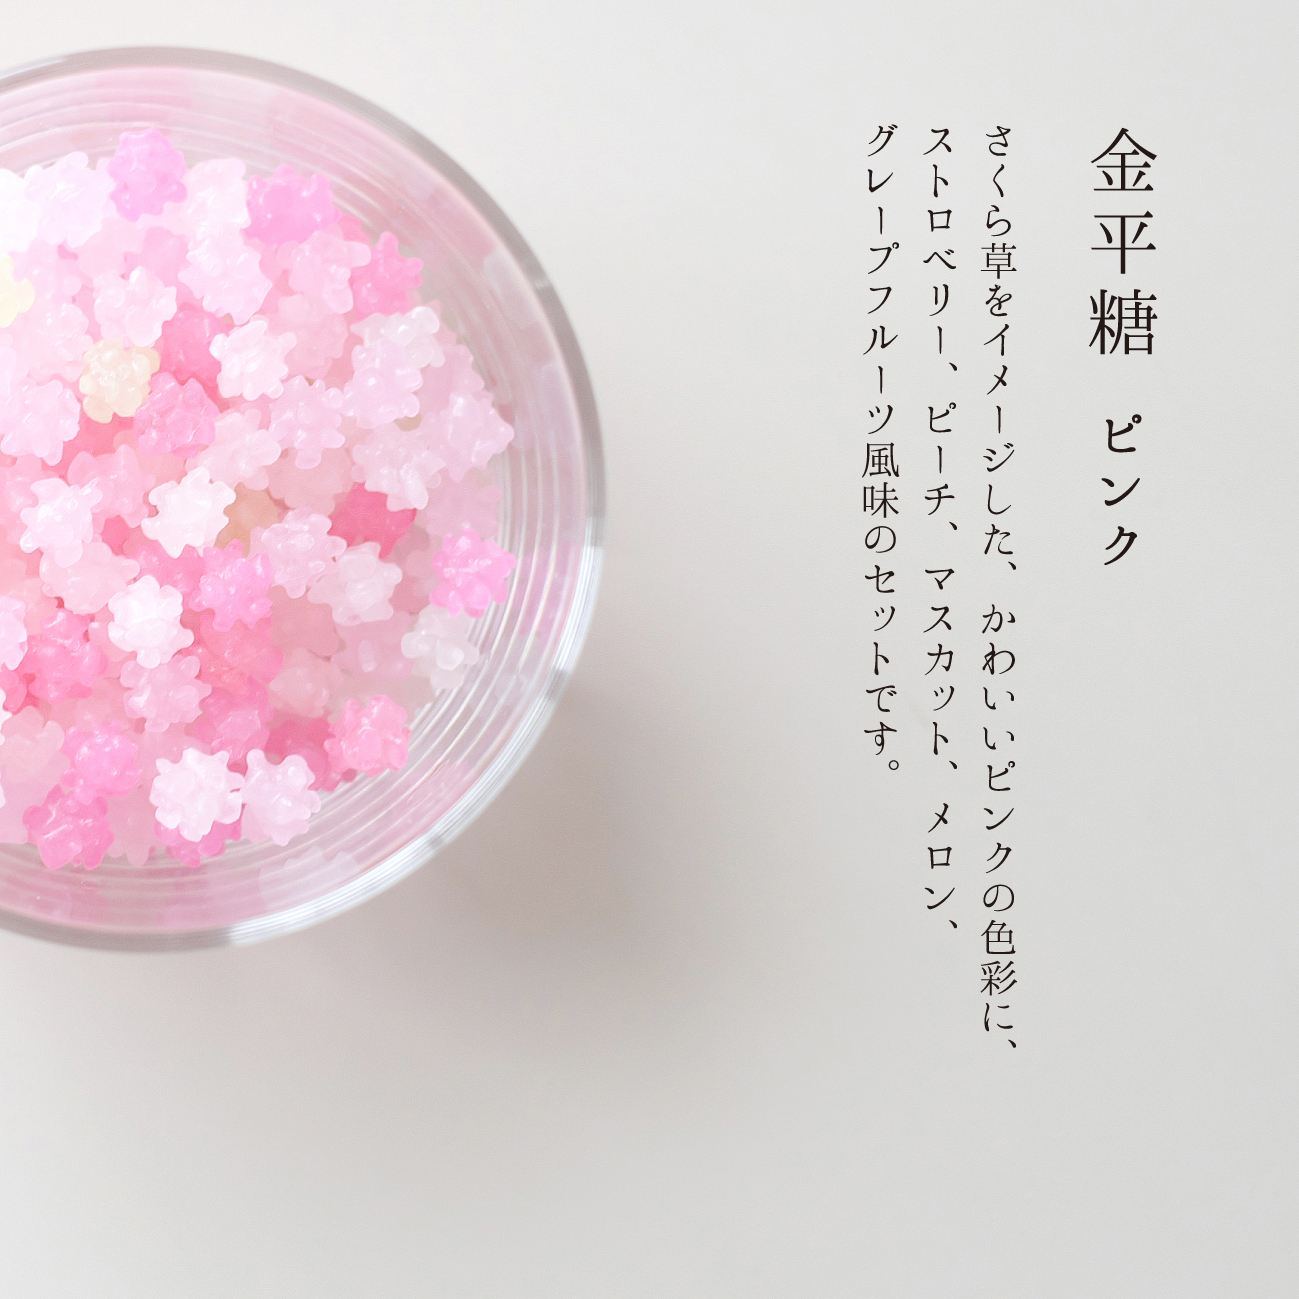 「コウペンちゃん」手摺り型染め小箱 金平糖セット